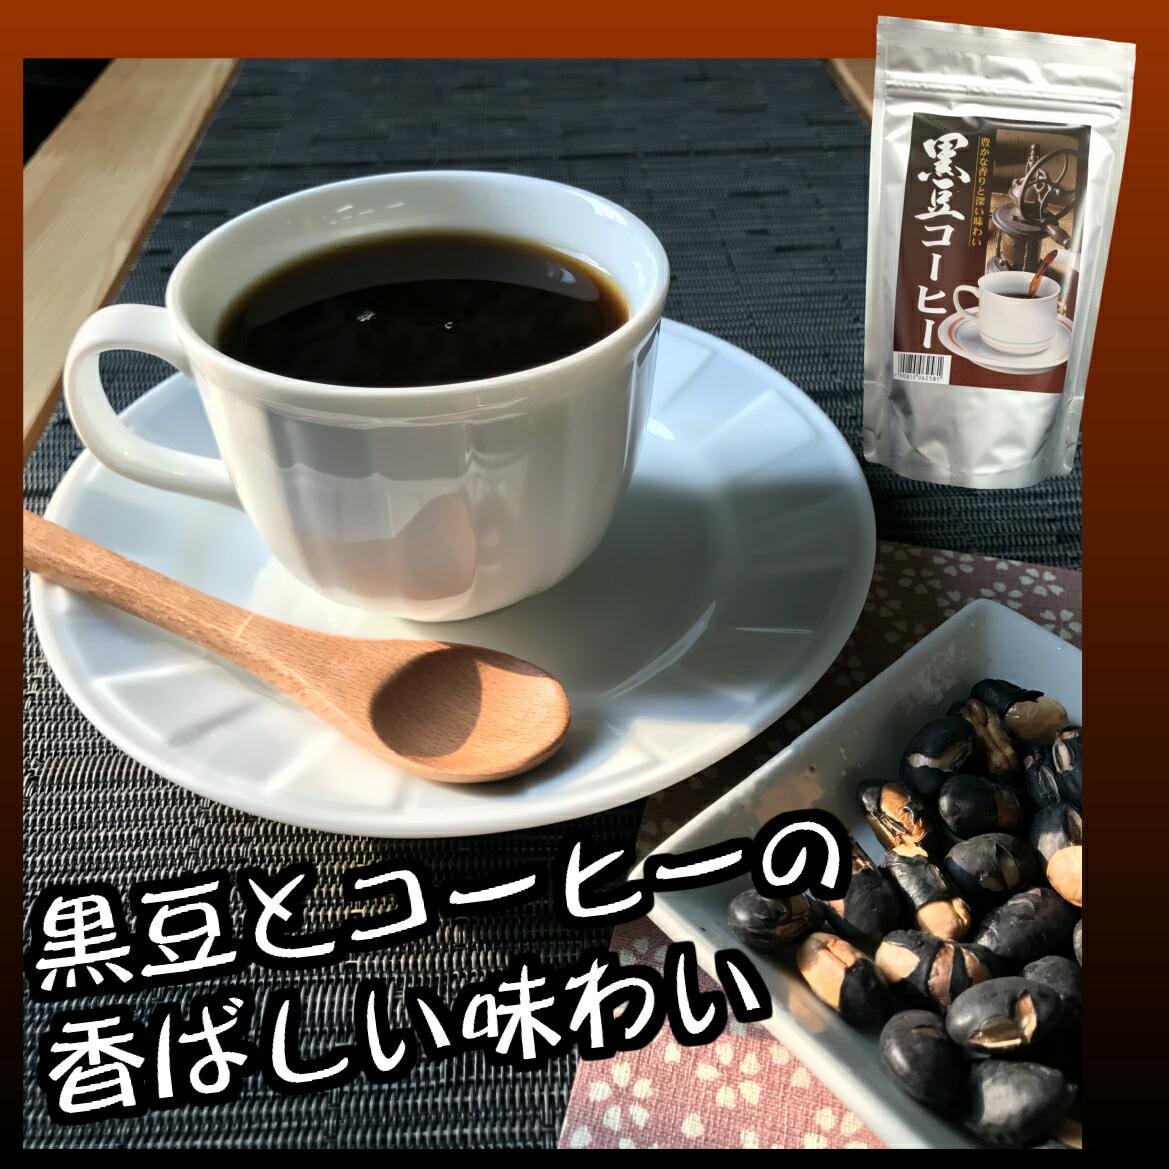 豊かな香りと深い味わい黒豆の風味が漂います 黒豆 信憑 コーヒー 黒豆珈琲 黒豆コーヒー お土産 未使用 簡単 w_fddl 130g入りインスタント